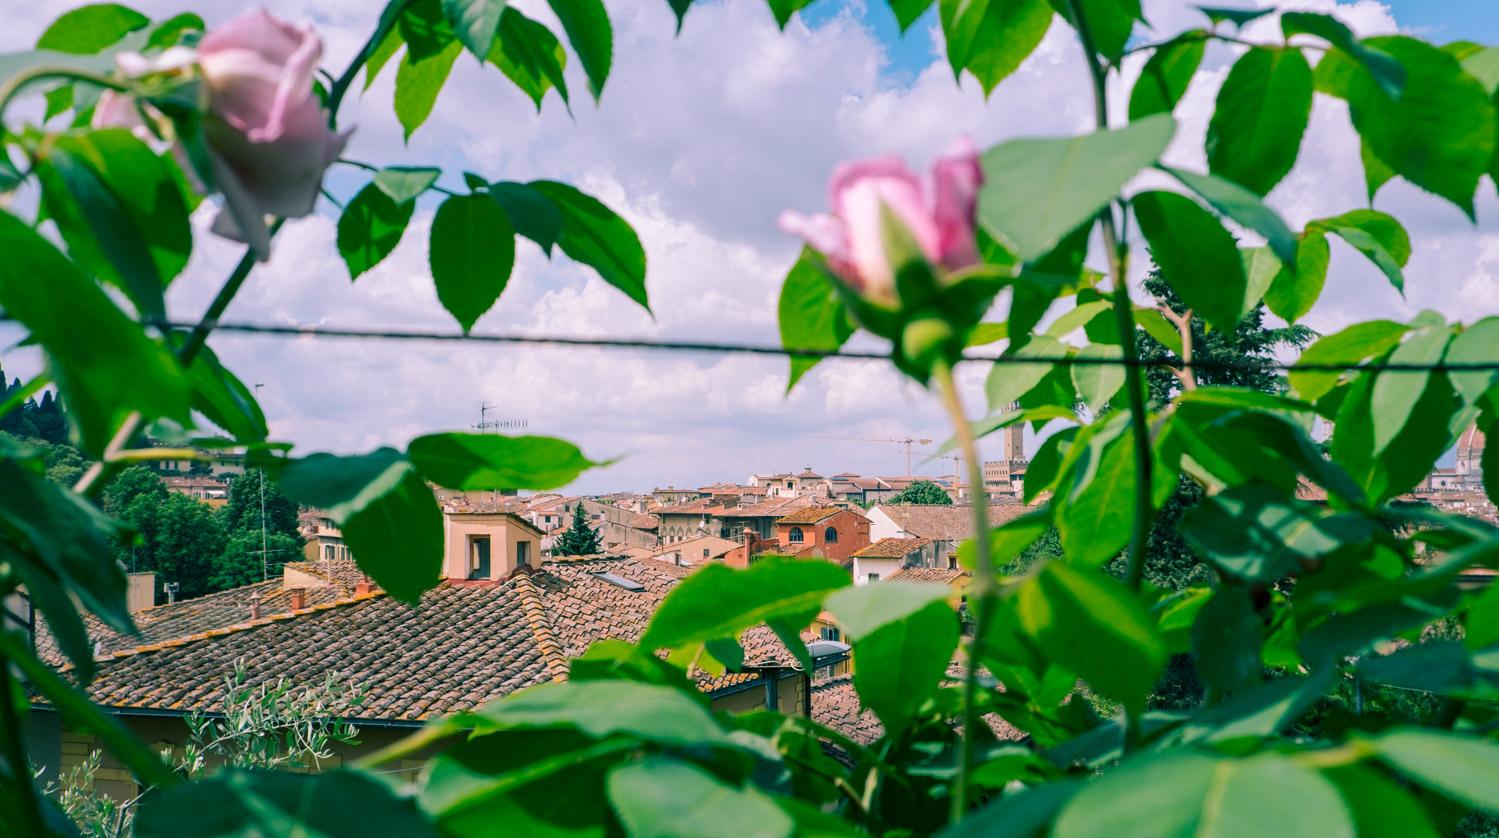 Utsikt över Florens från Giardino delle rose